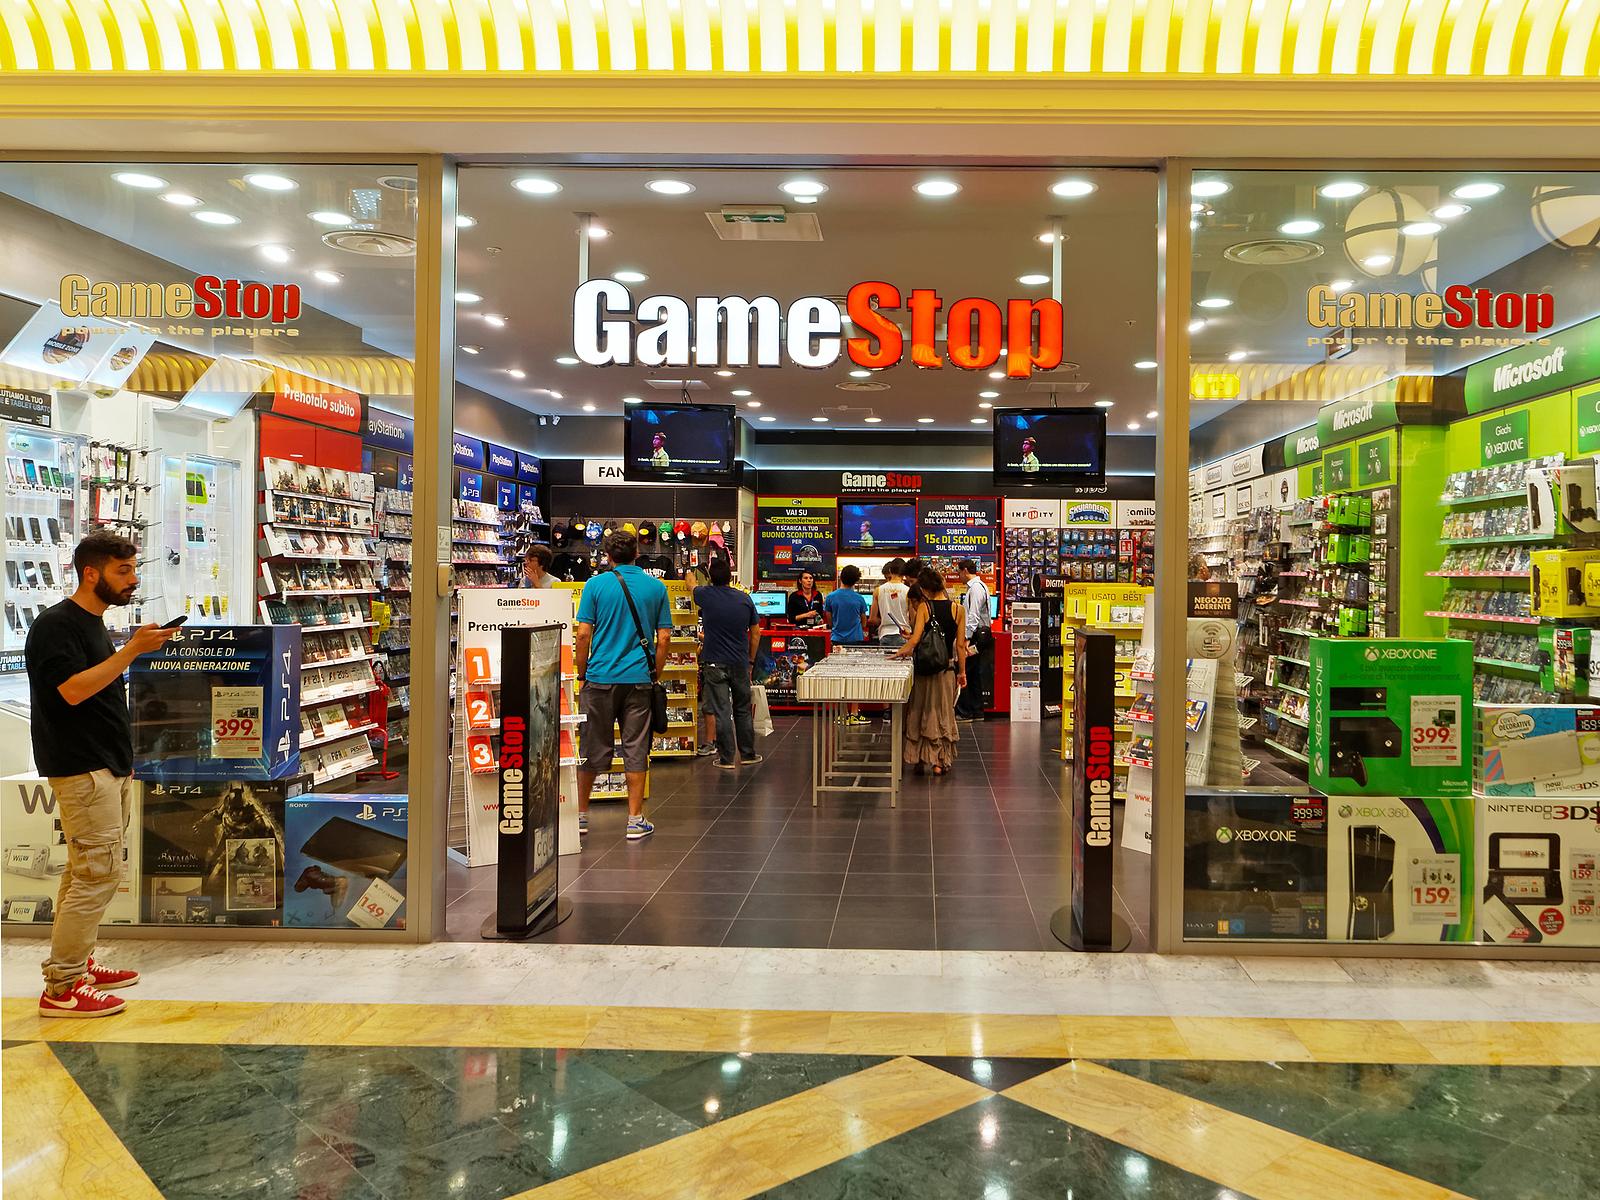 GameStop GME stock